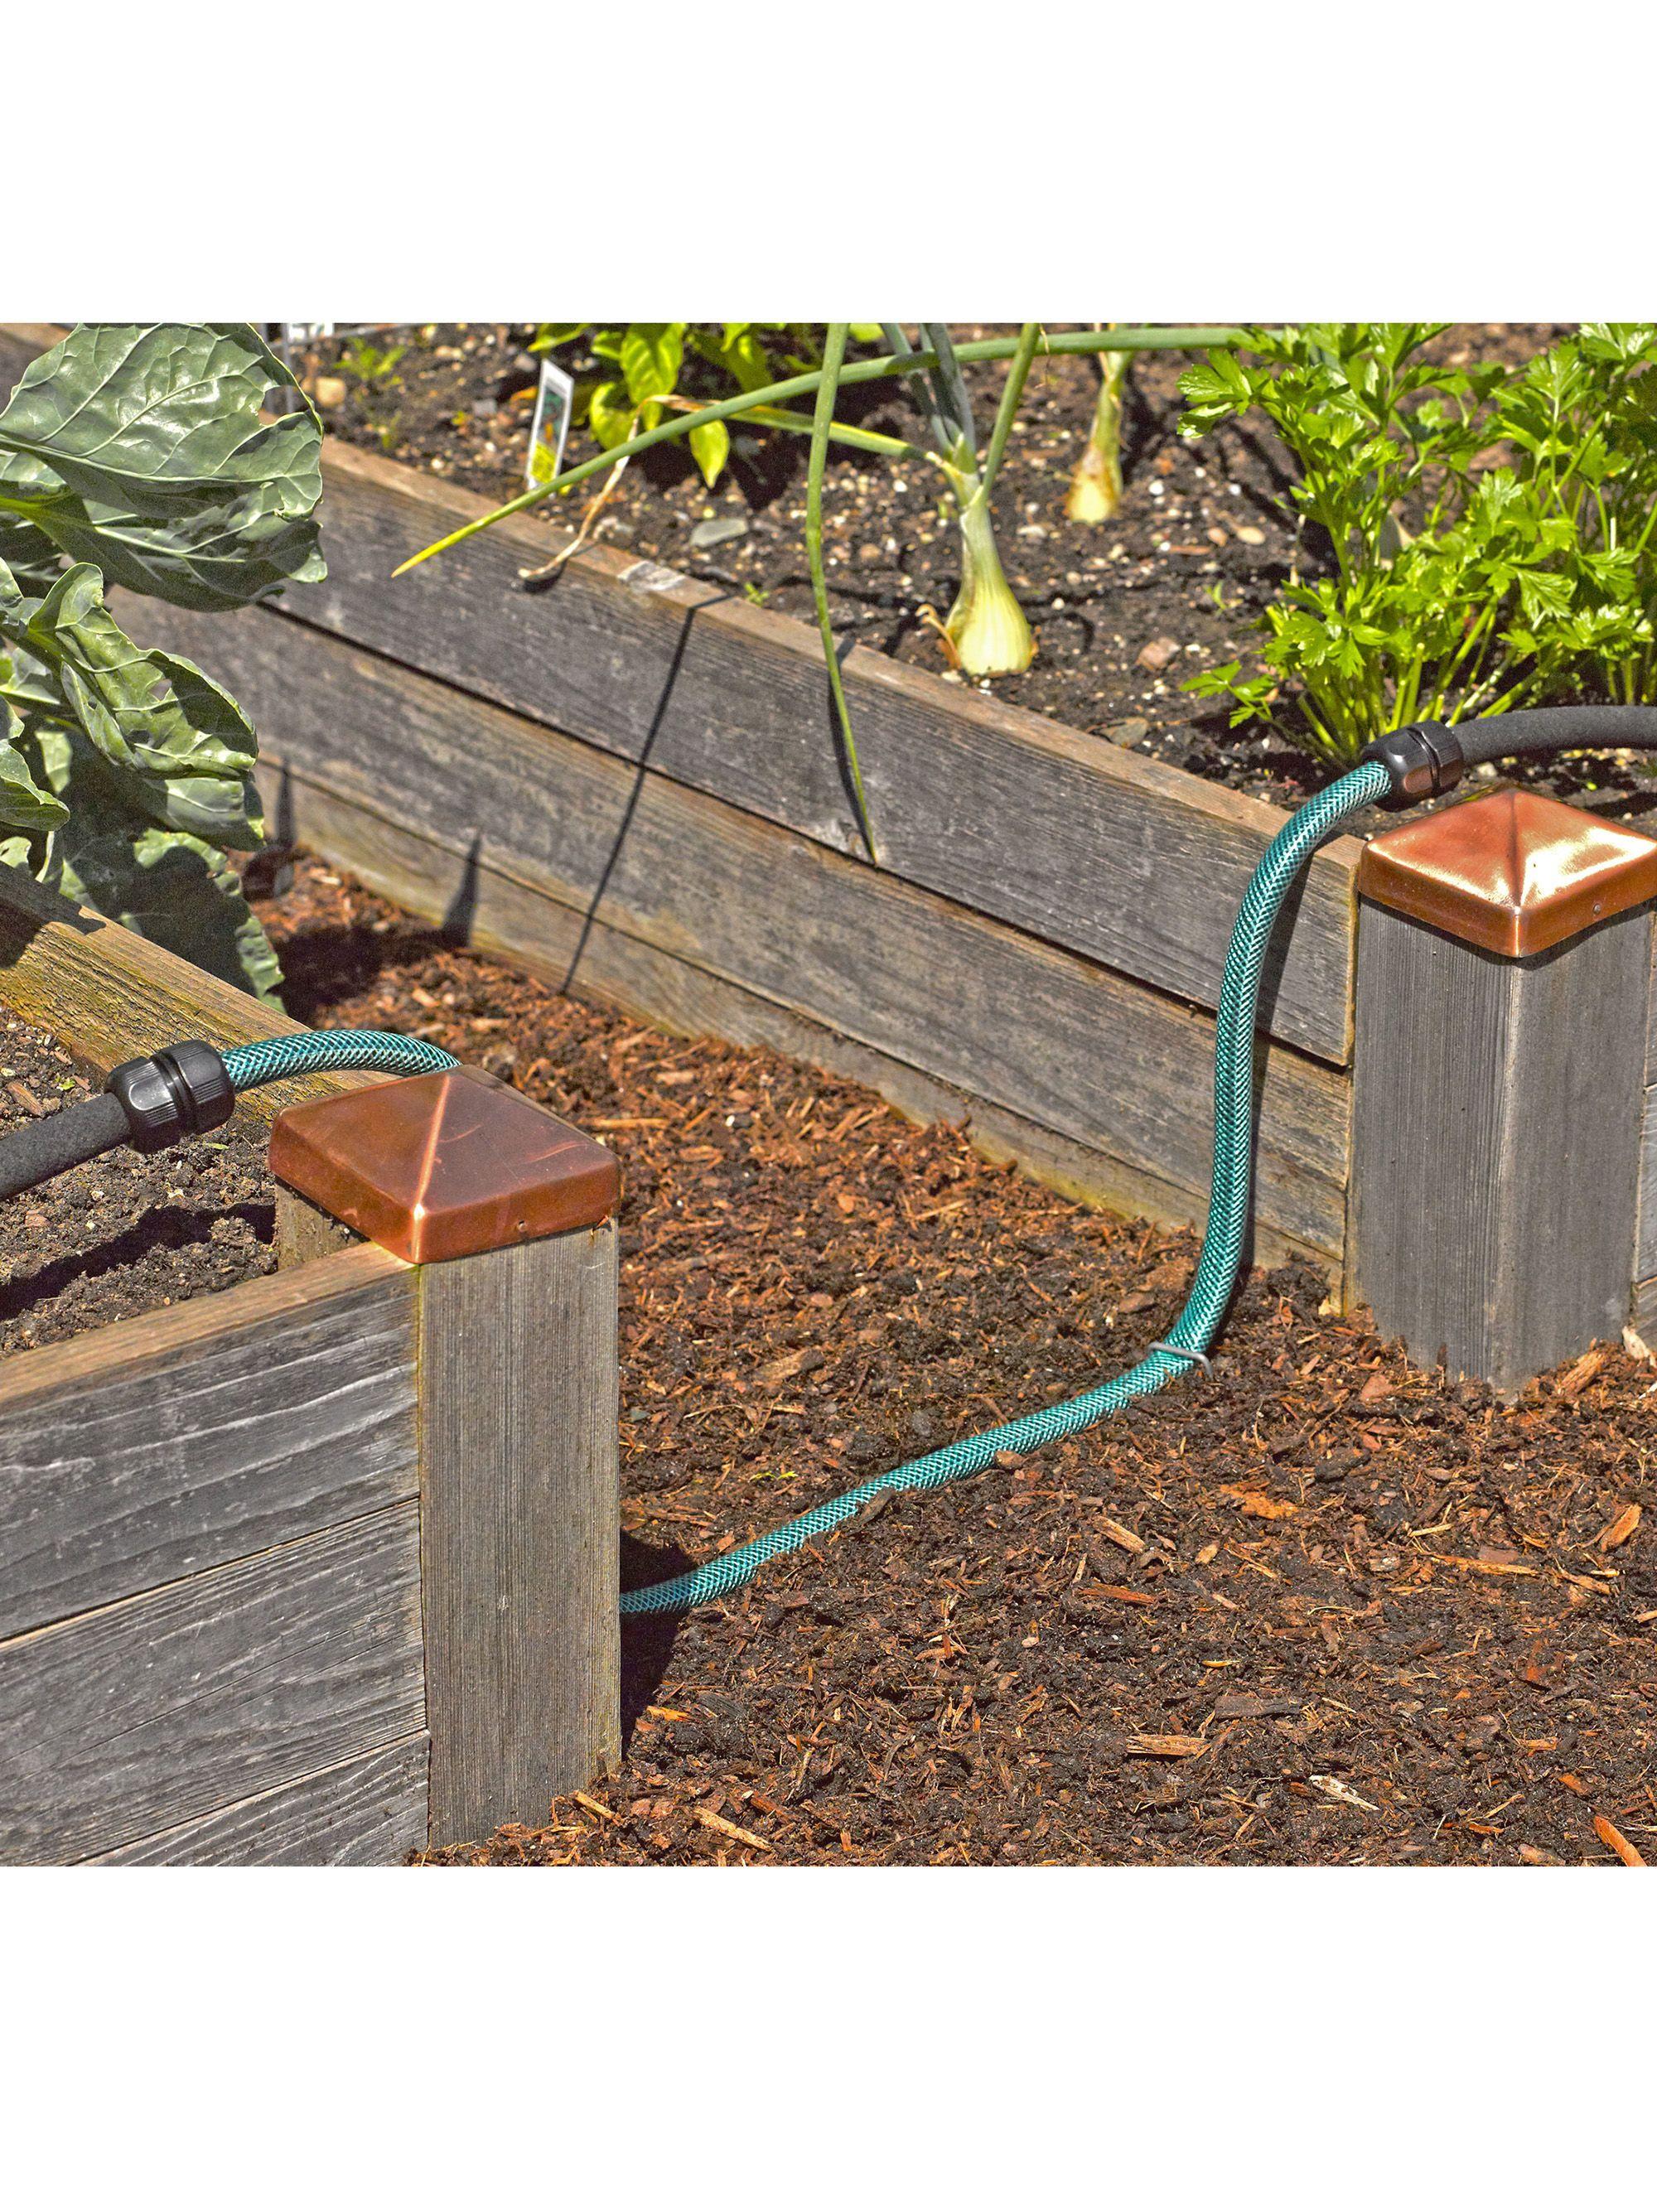 Above Ground Irrigation Systems for Landscaping   DIY Sprinkler ...